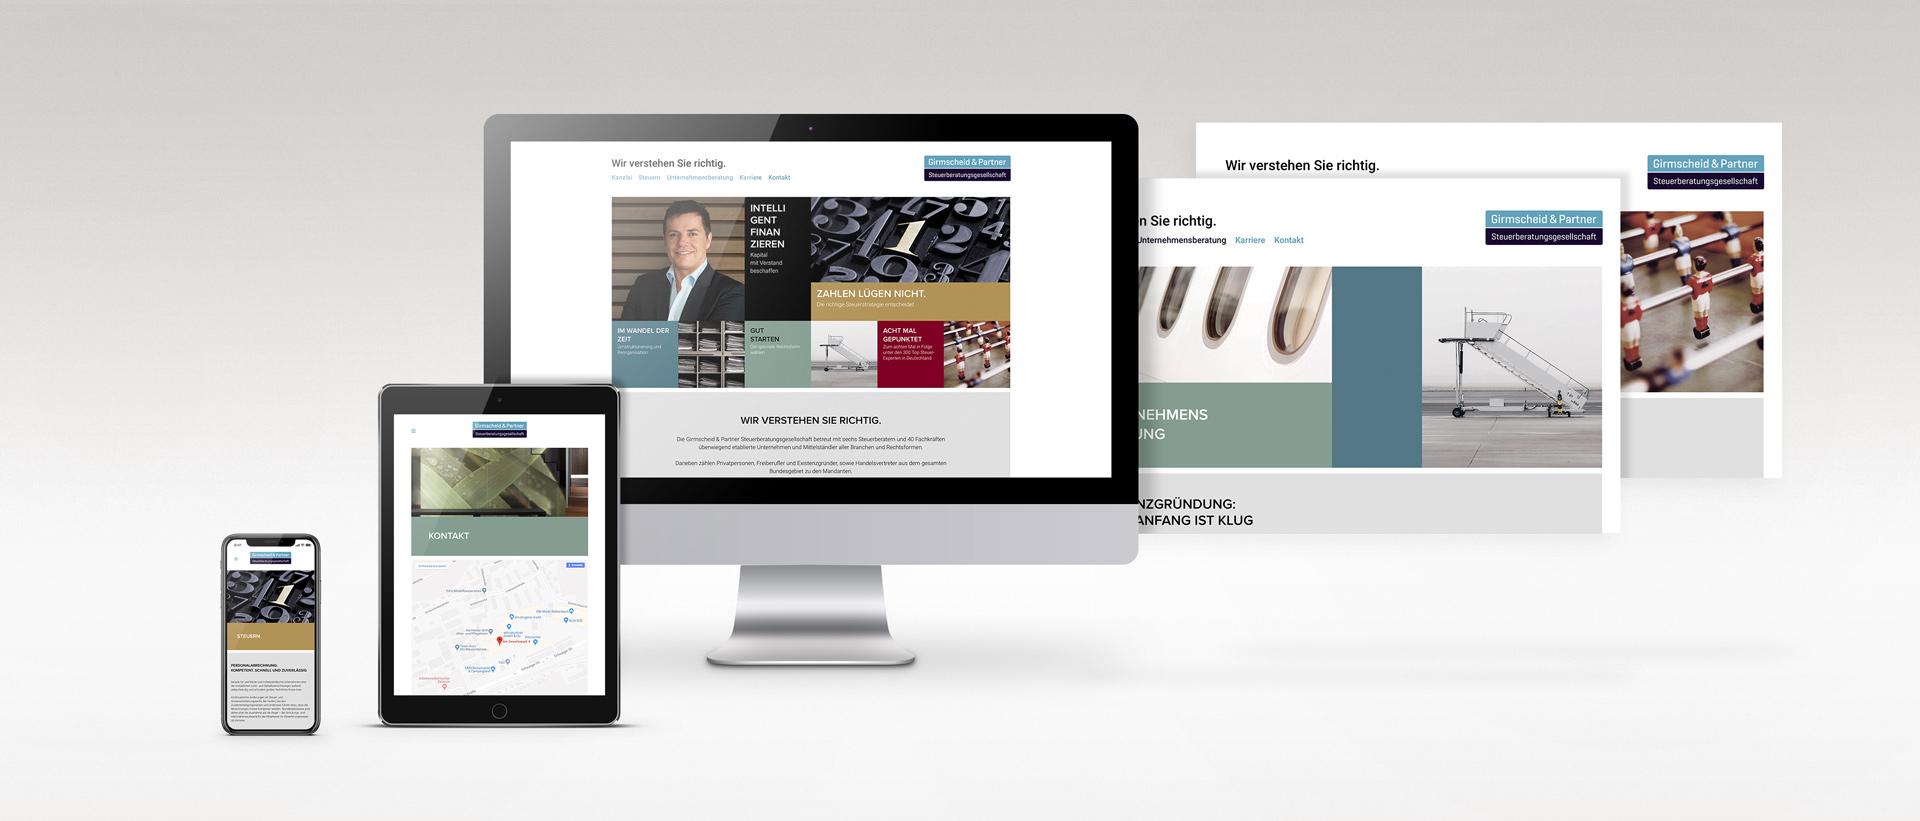 Für Girmscheid & Partner Inclusify AG konzipiert und realisiert REINGOLD die komplette Werbung.